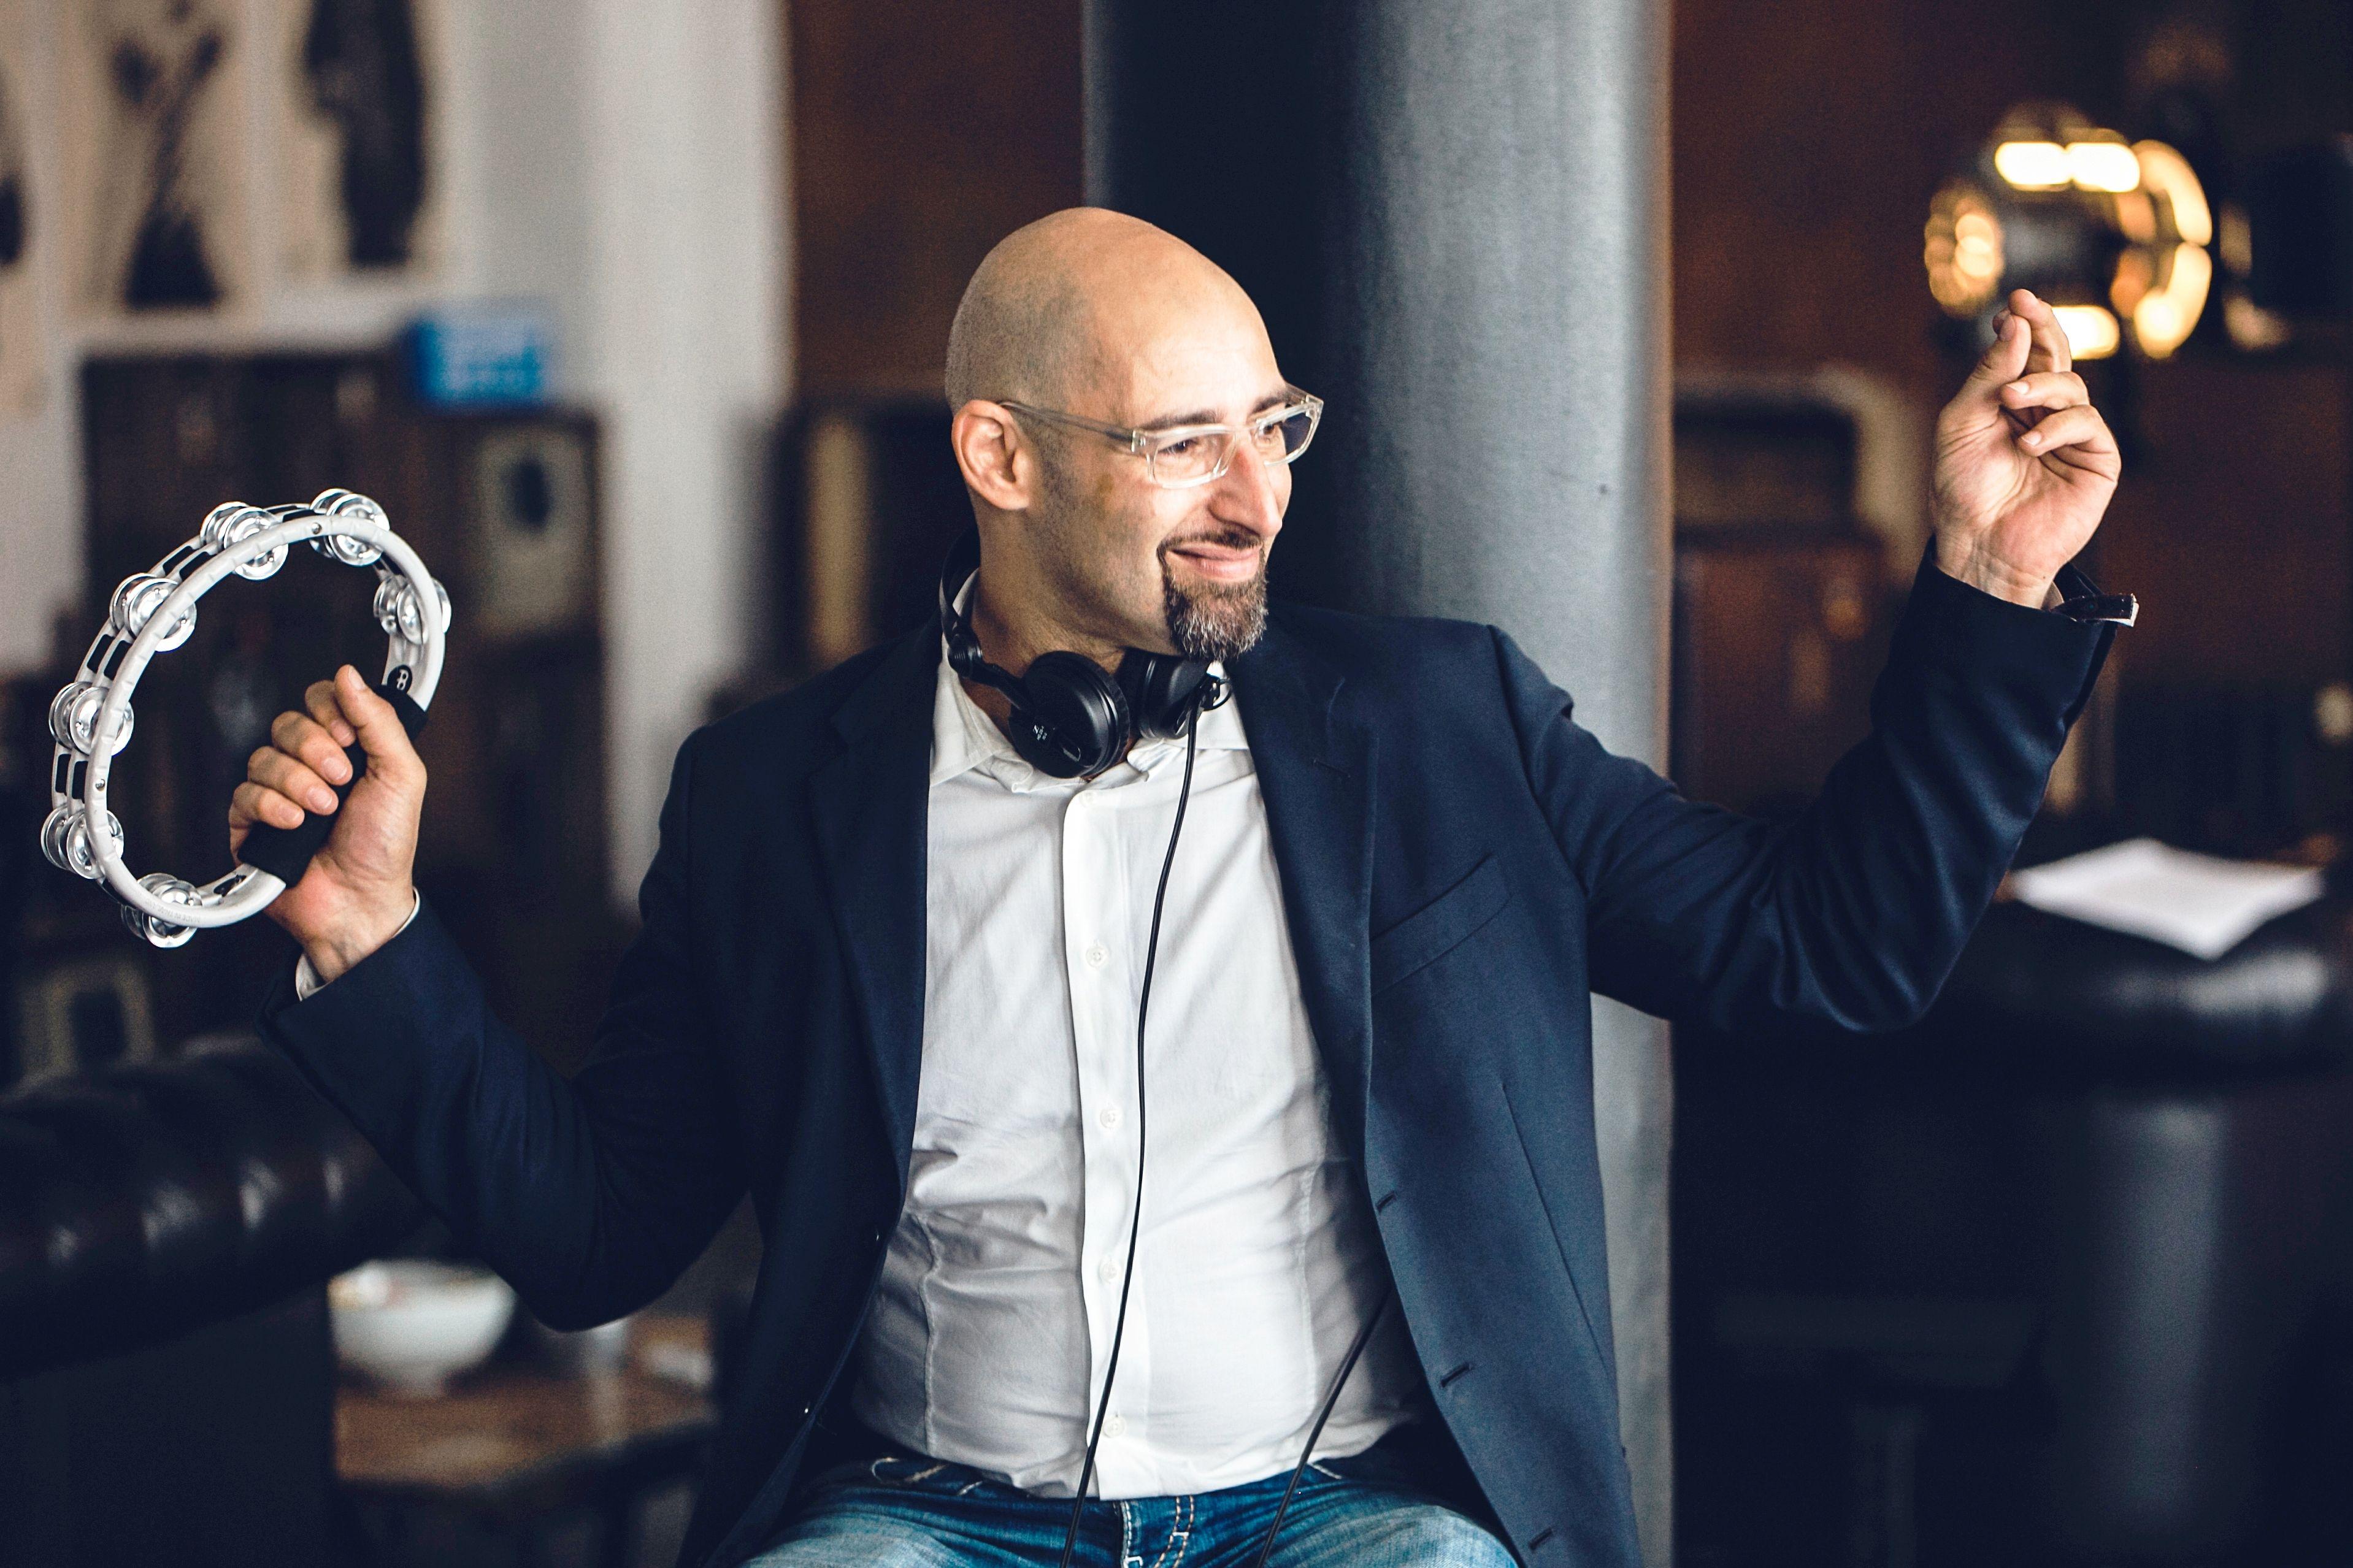 Dj Vince Der Wdr2 Dj Ist Auch Fur Hochzeiten In Dusseldorf Koln Raum Nrw Zu Buchen Dj Hochzeits Dj Dusseldorf